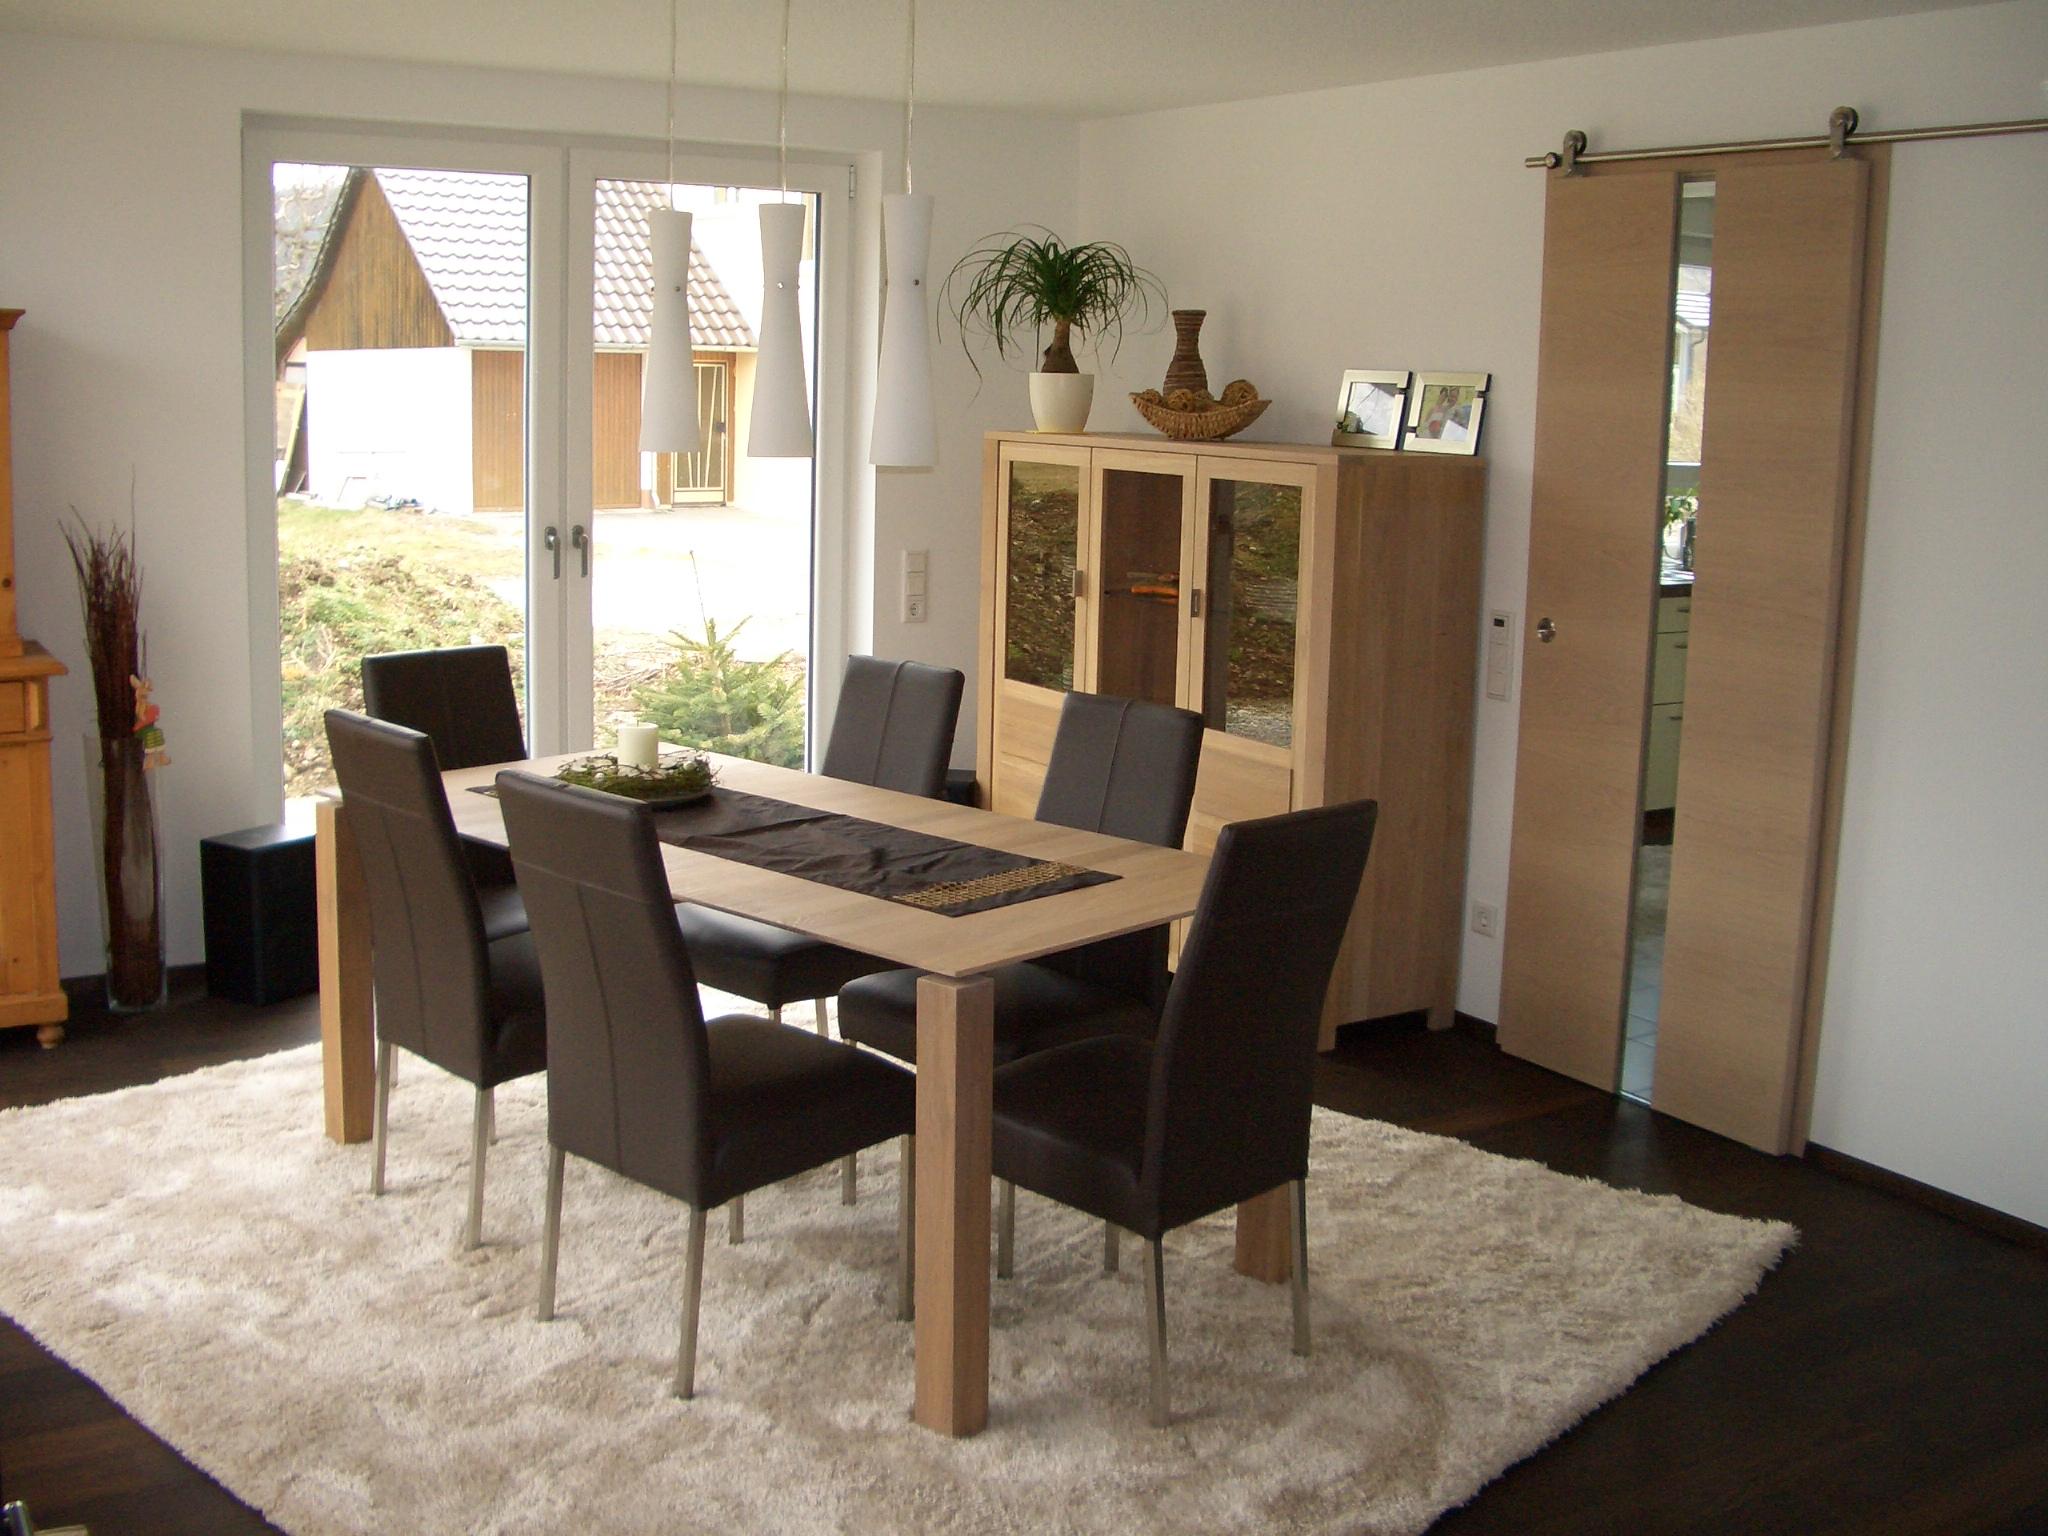 Esszimmertisch, Buffet und Schiebetüre aus Eiche